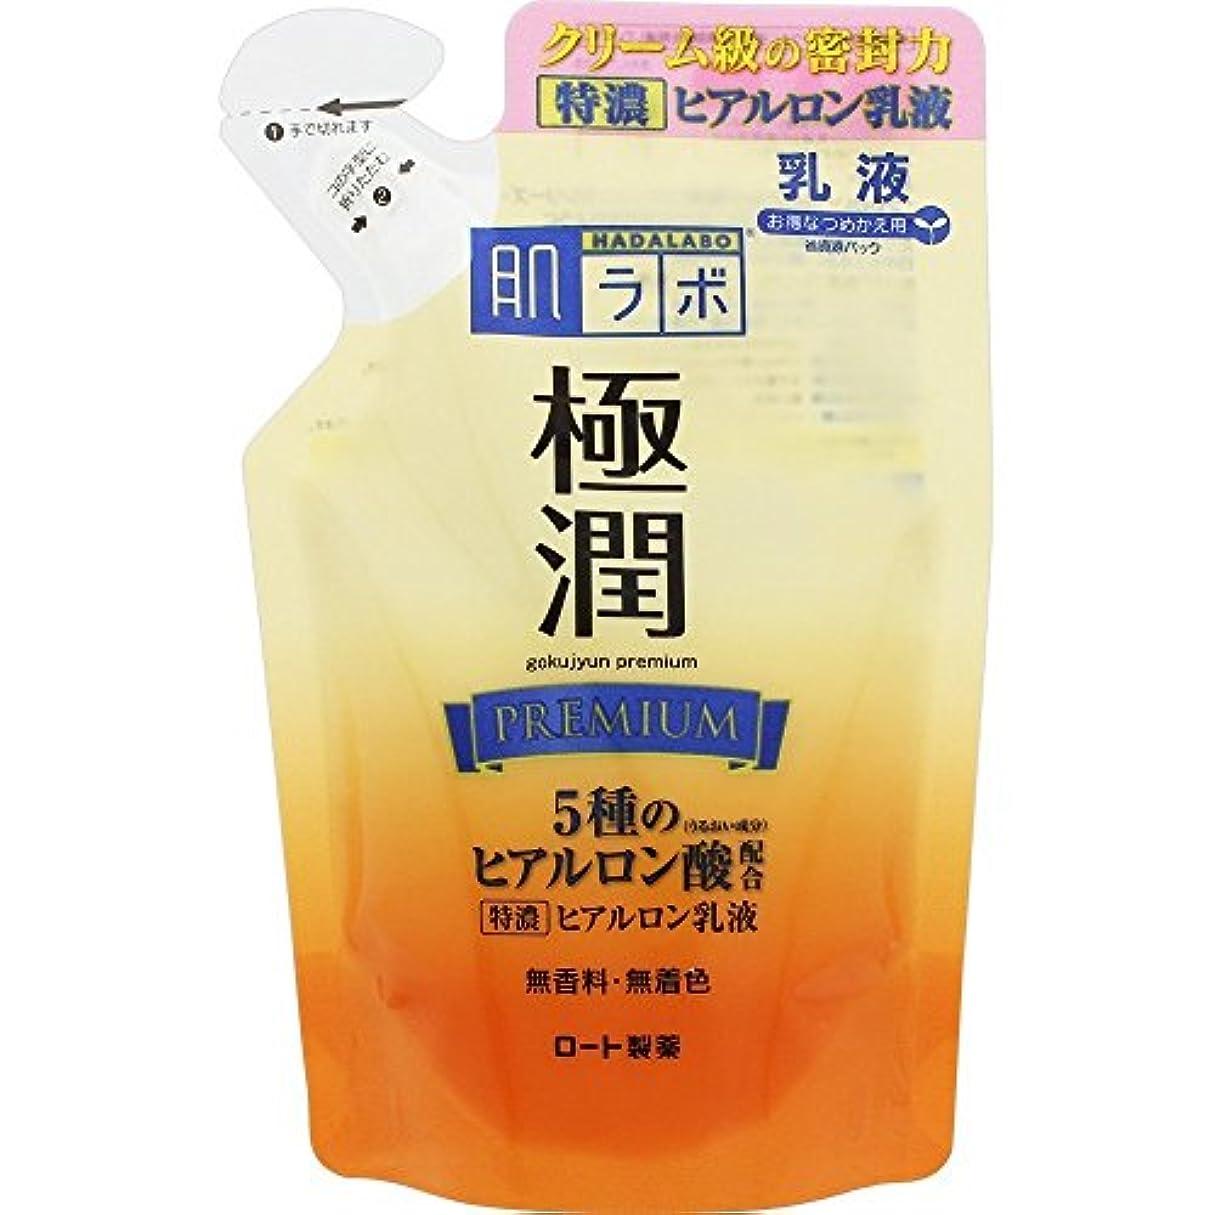 あなたはただ良性肌ラボ 極潤プレミアム ヒアルロン乳液 <つめかえ用> 140mL